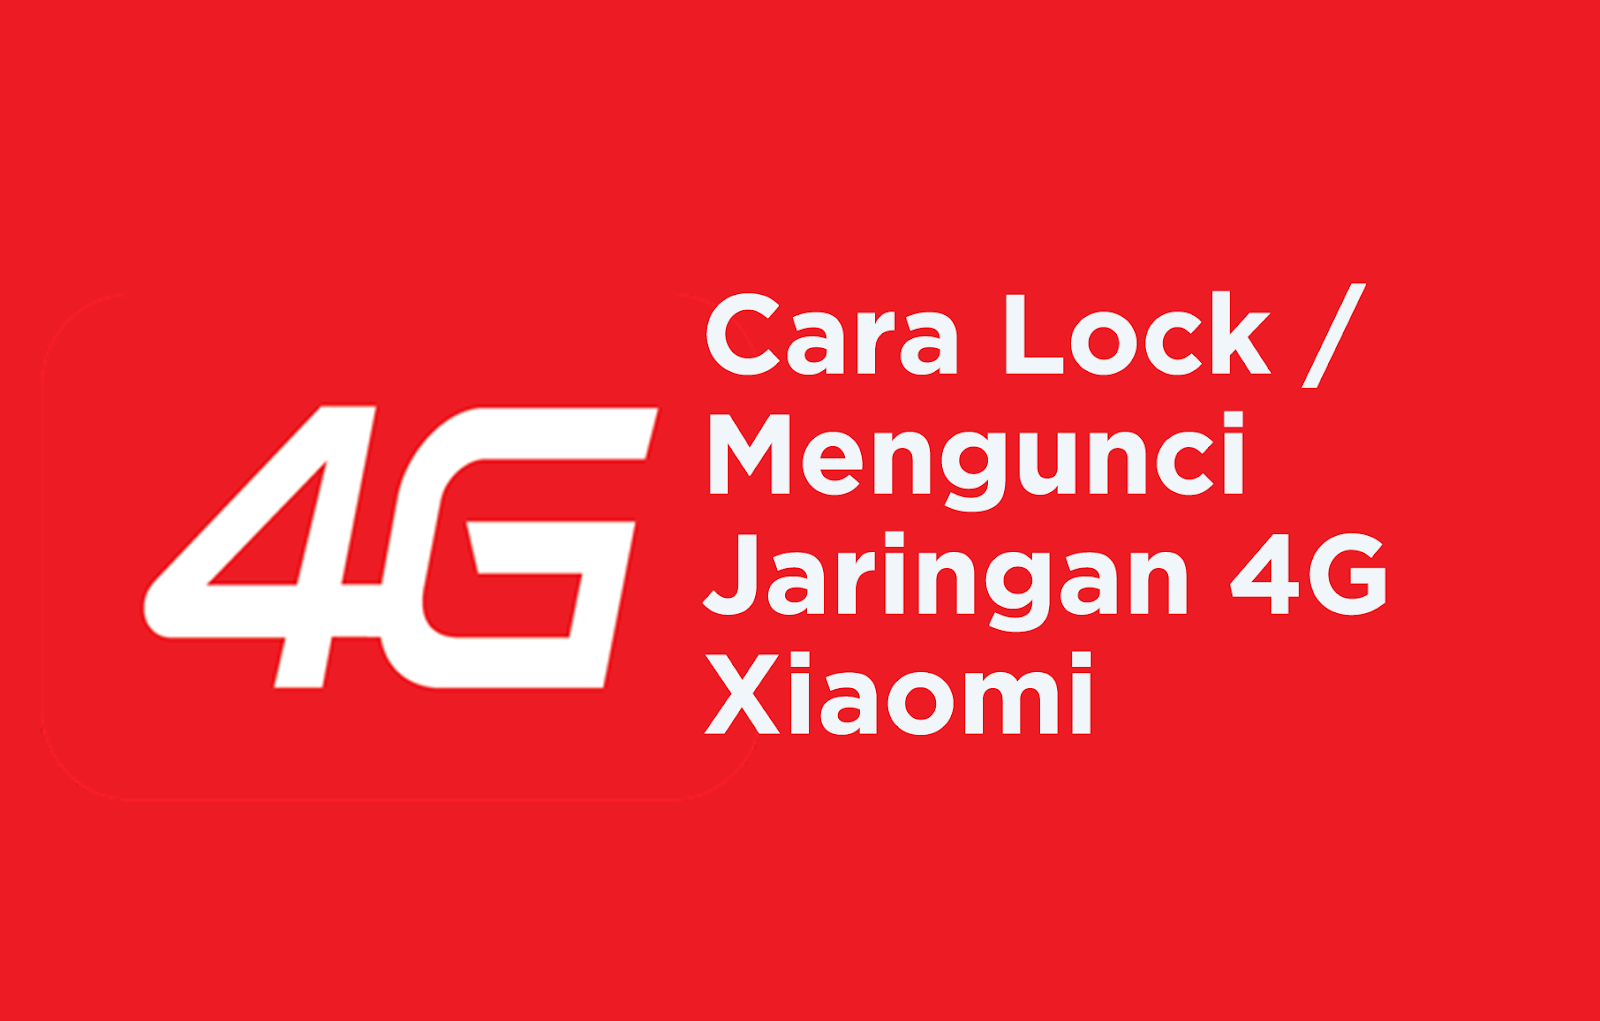 Bisa jadi karena jaringan kalian tidak stabil Cara Lock / Mengunci Jaringan 4G Xiaomi